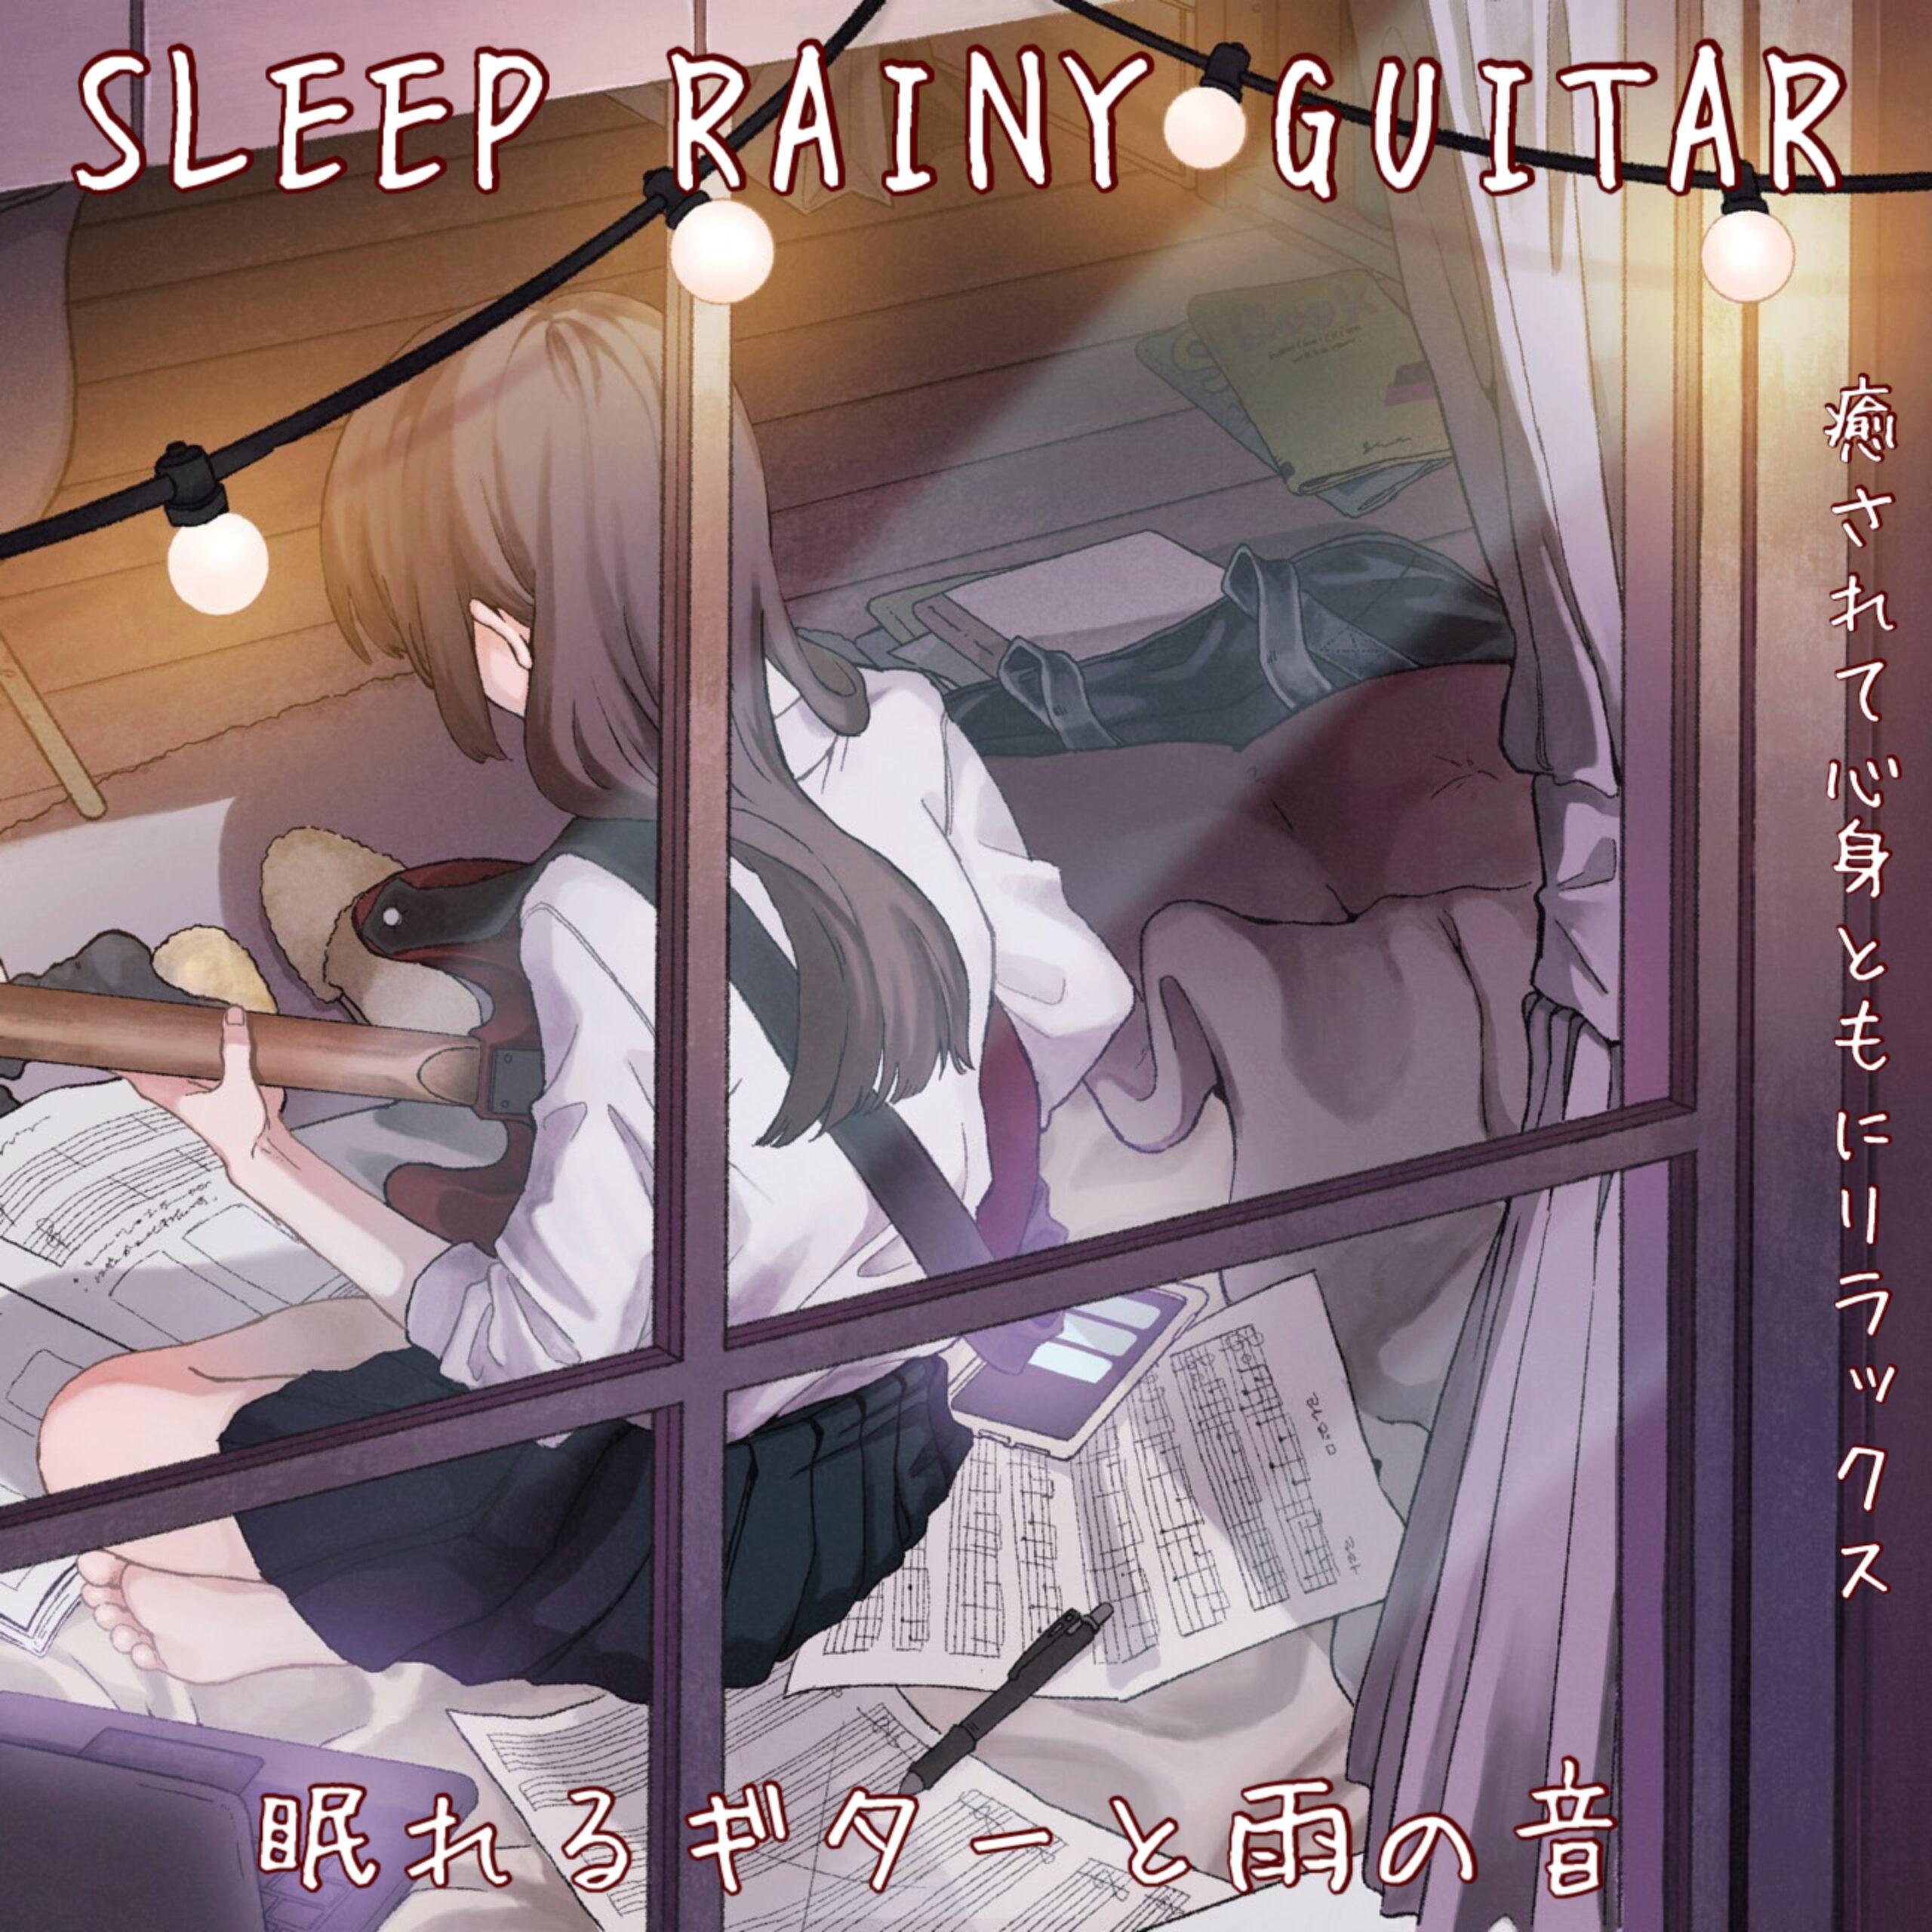 SLEEP RAINY GUITAR 眠れるギターと雨の音 癒されて心身ともにリラックス